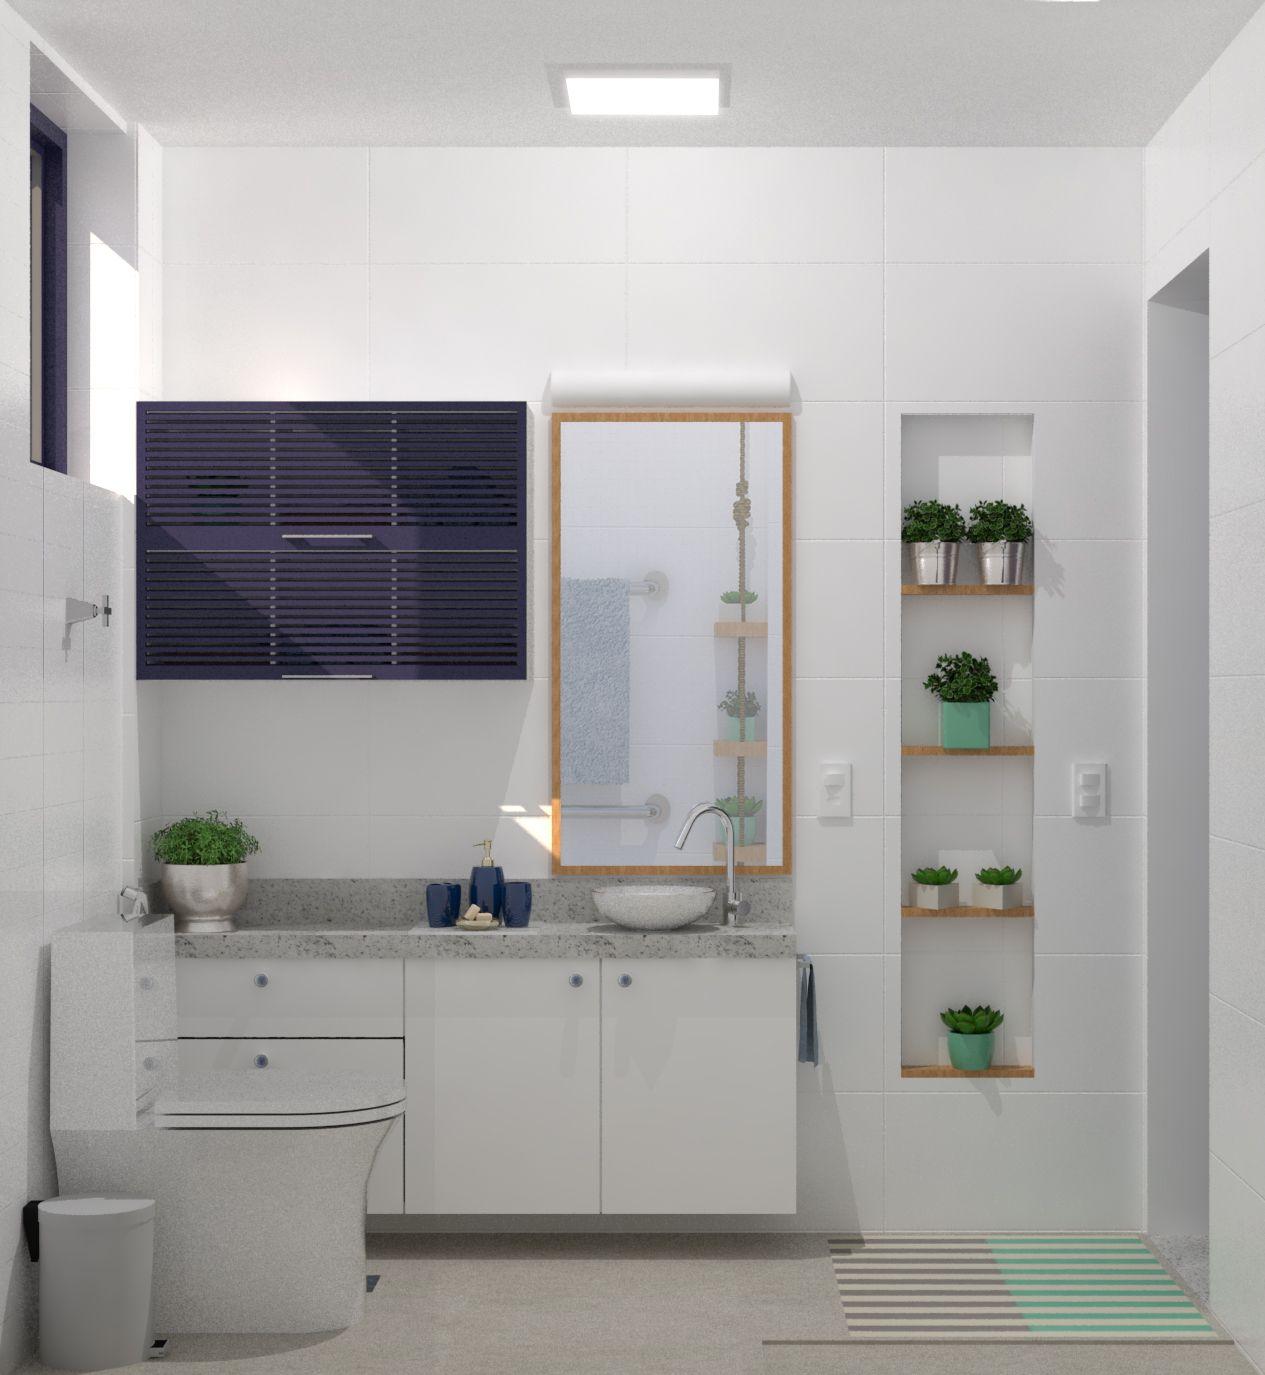 Reforma De Banheiro: (1) Nicho Externo Com Porta De Veneziana De Madeira (